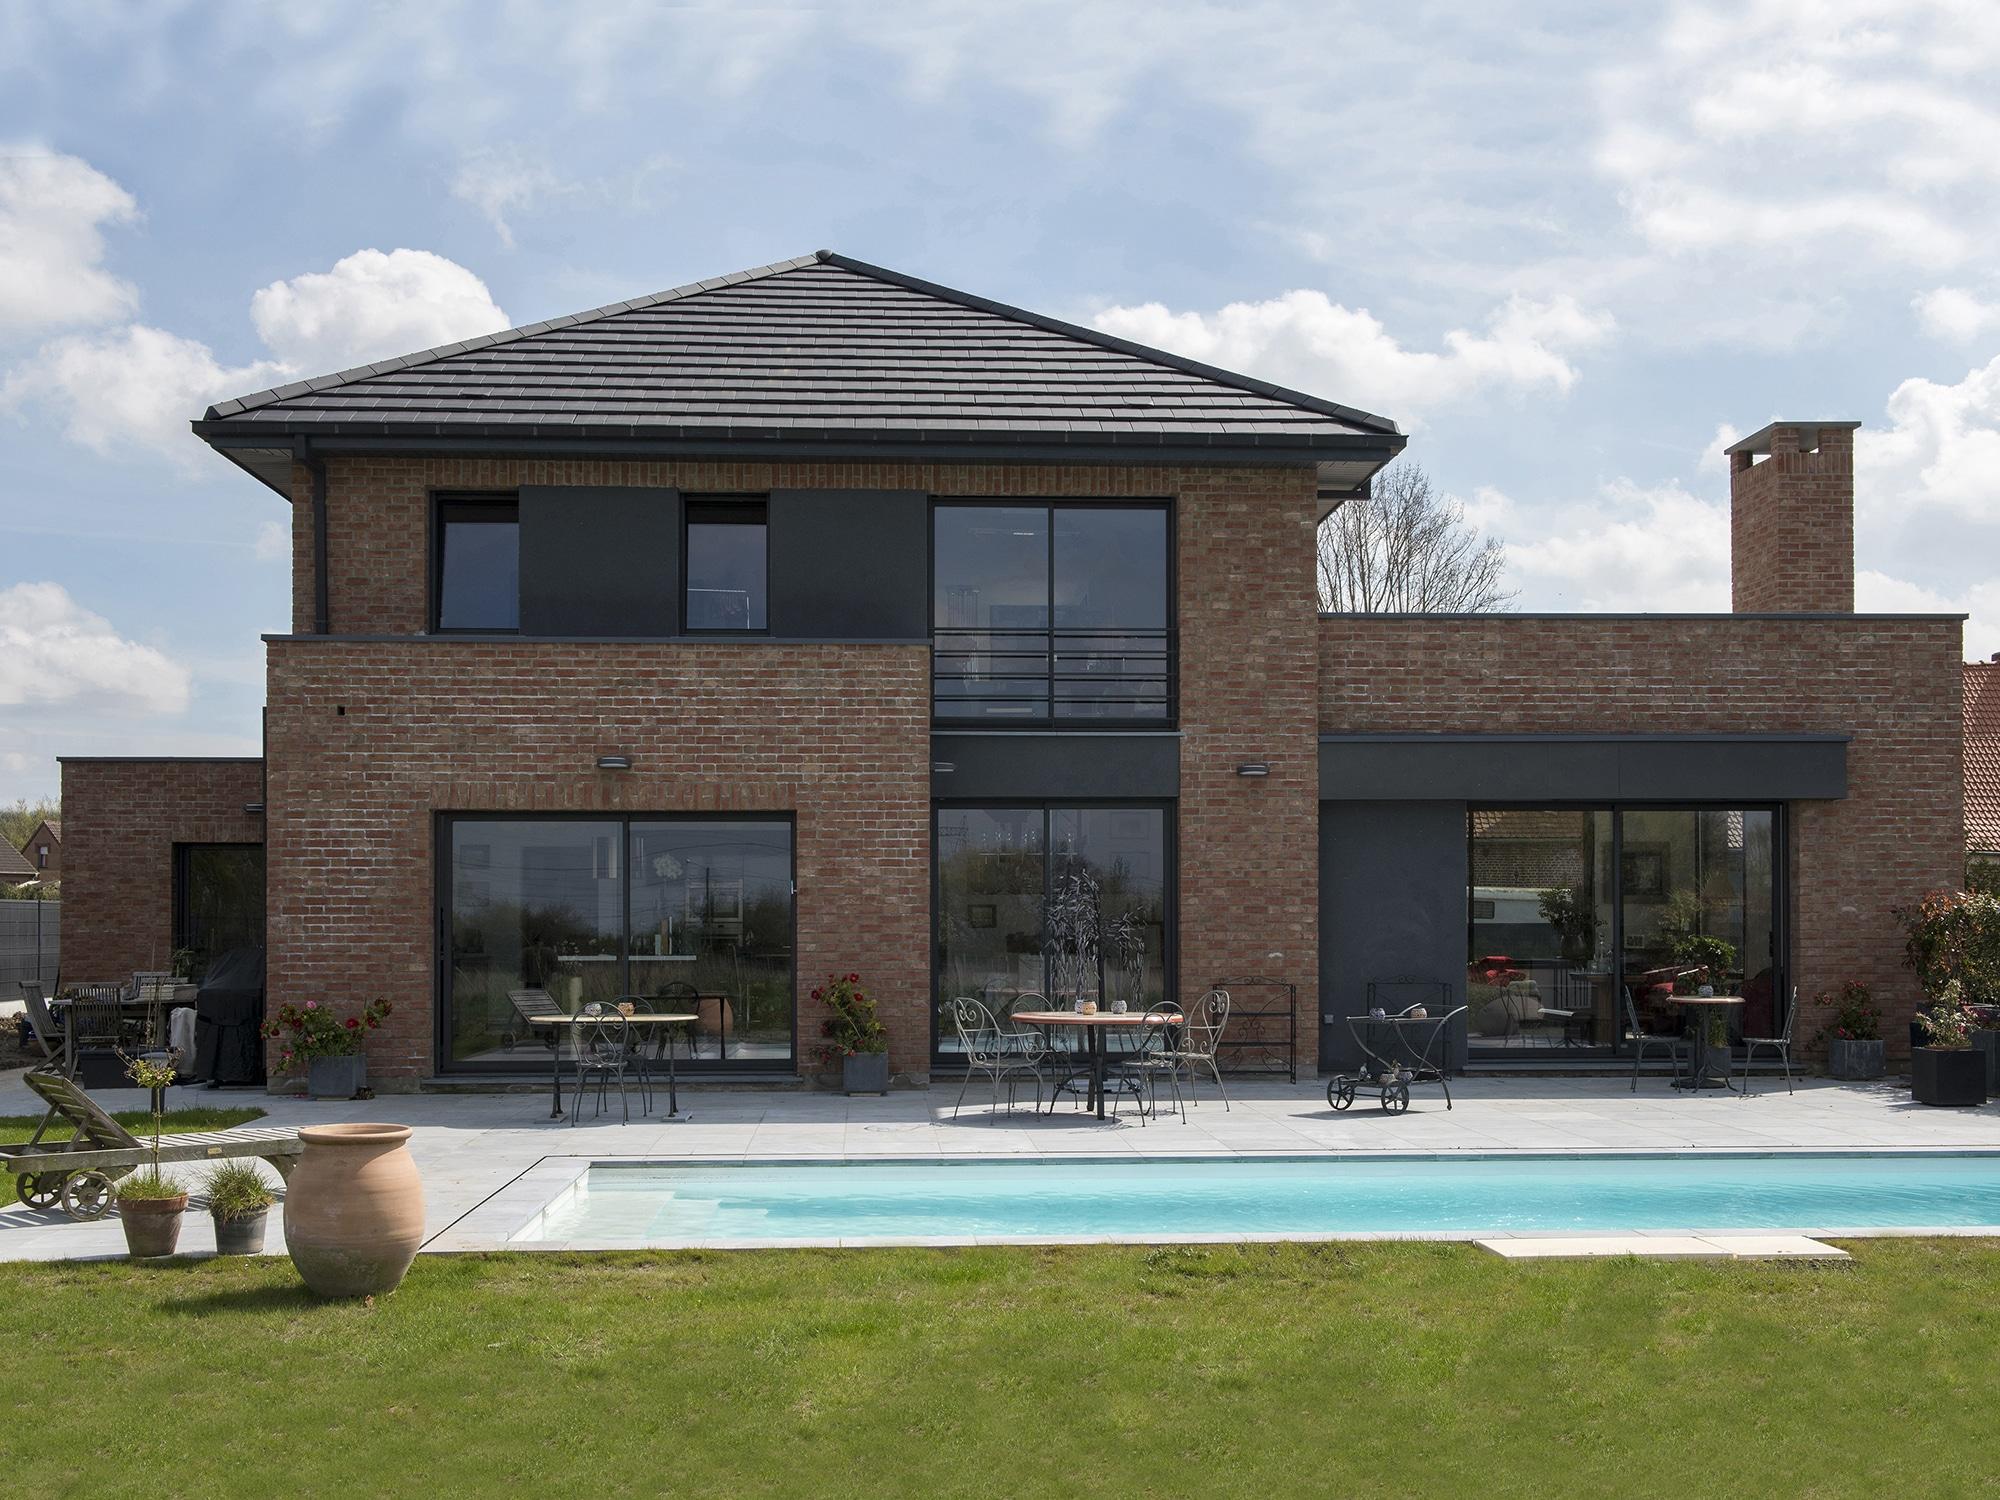 Maison semi cubique en briques for Prix maison cubique